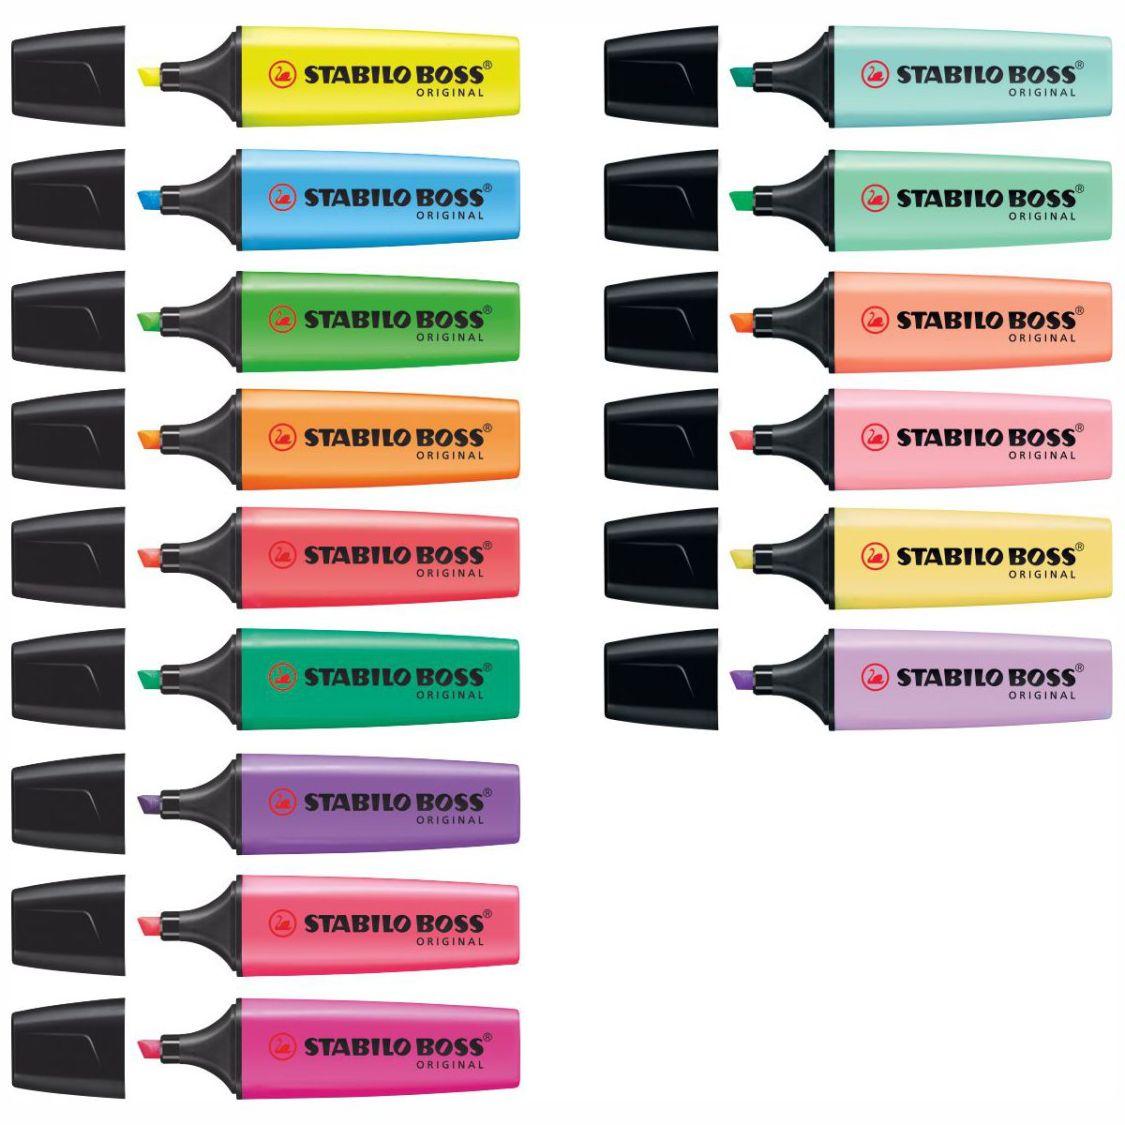 STABILO Textmarker BOSS 70 2-5mm [15 Farben wählbar]